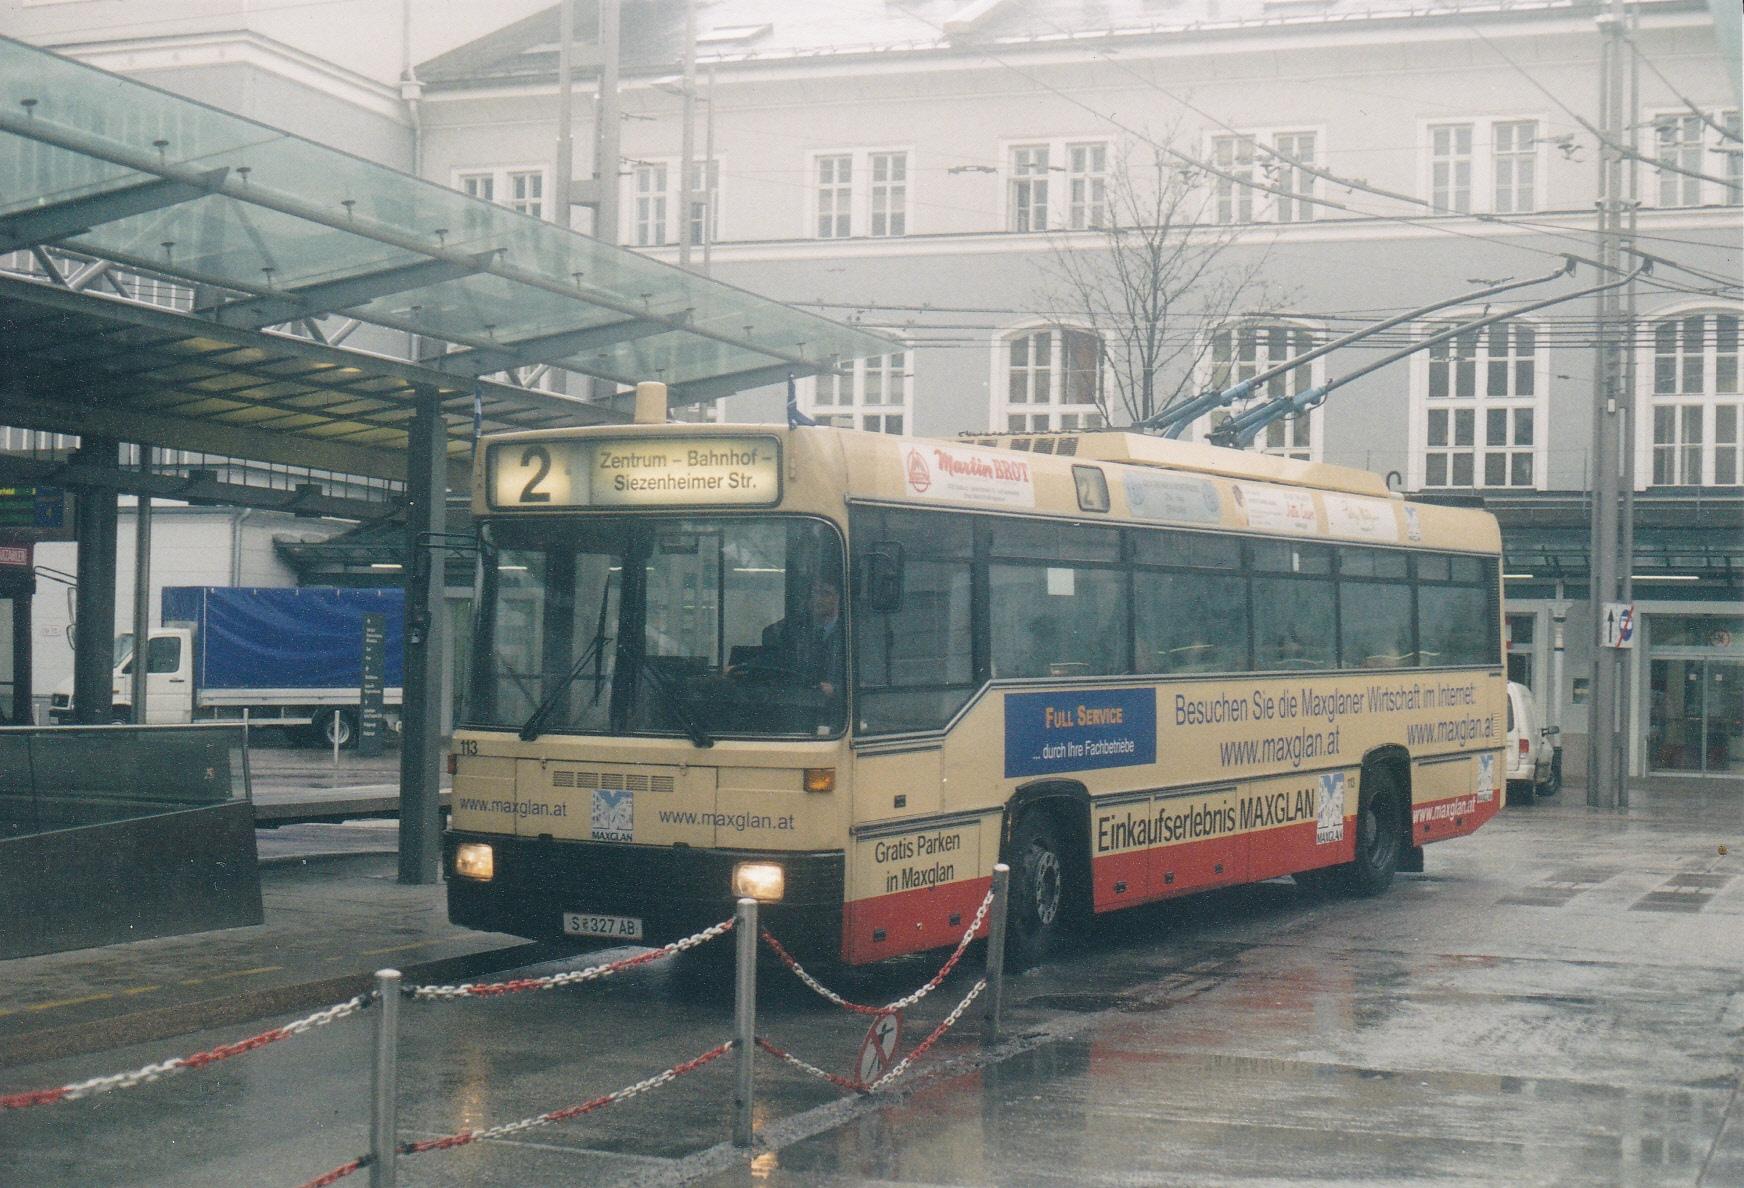 Obus 113 auf der ehemaligen Ringlinie 2 am Hauptbahnhof. Foto: Wolfgang Proisl